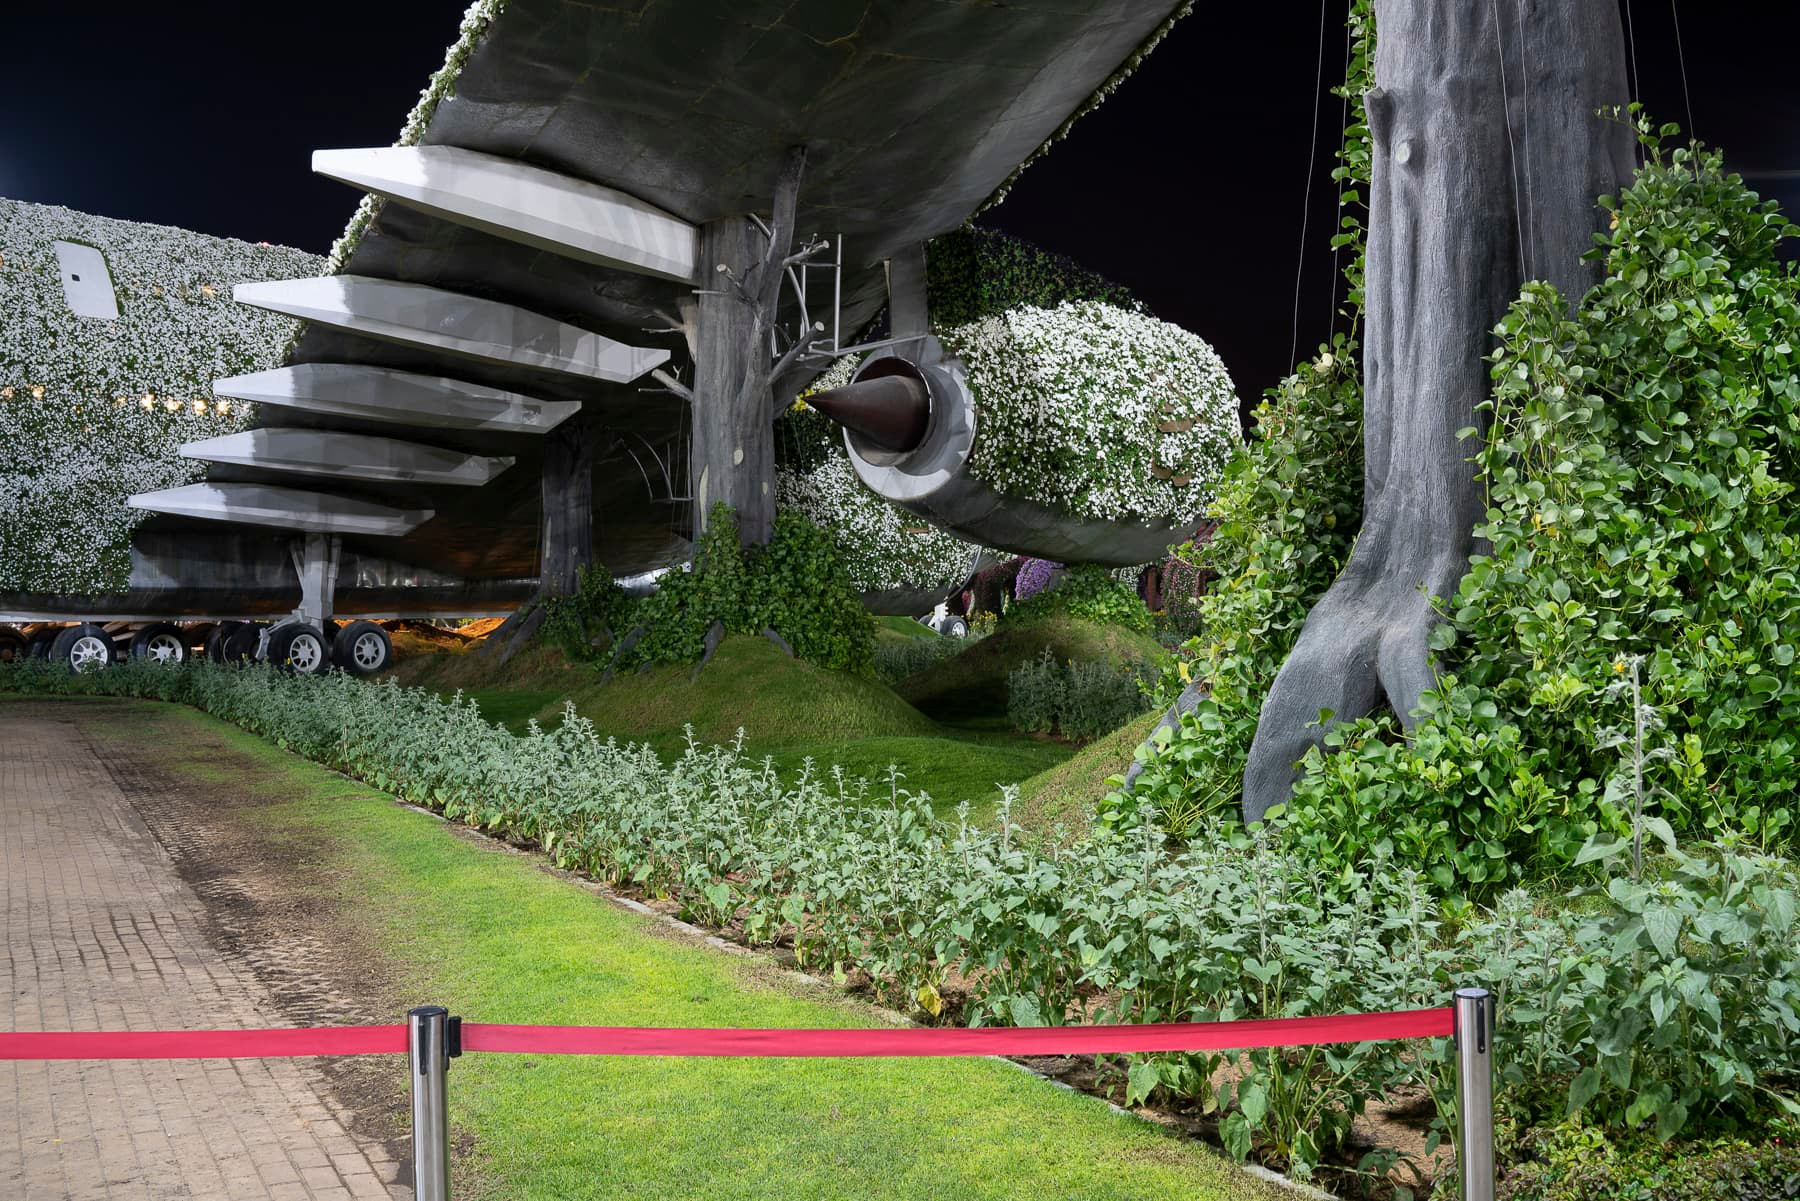 fabianschroder-in_natura-plane.jpg